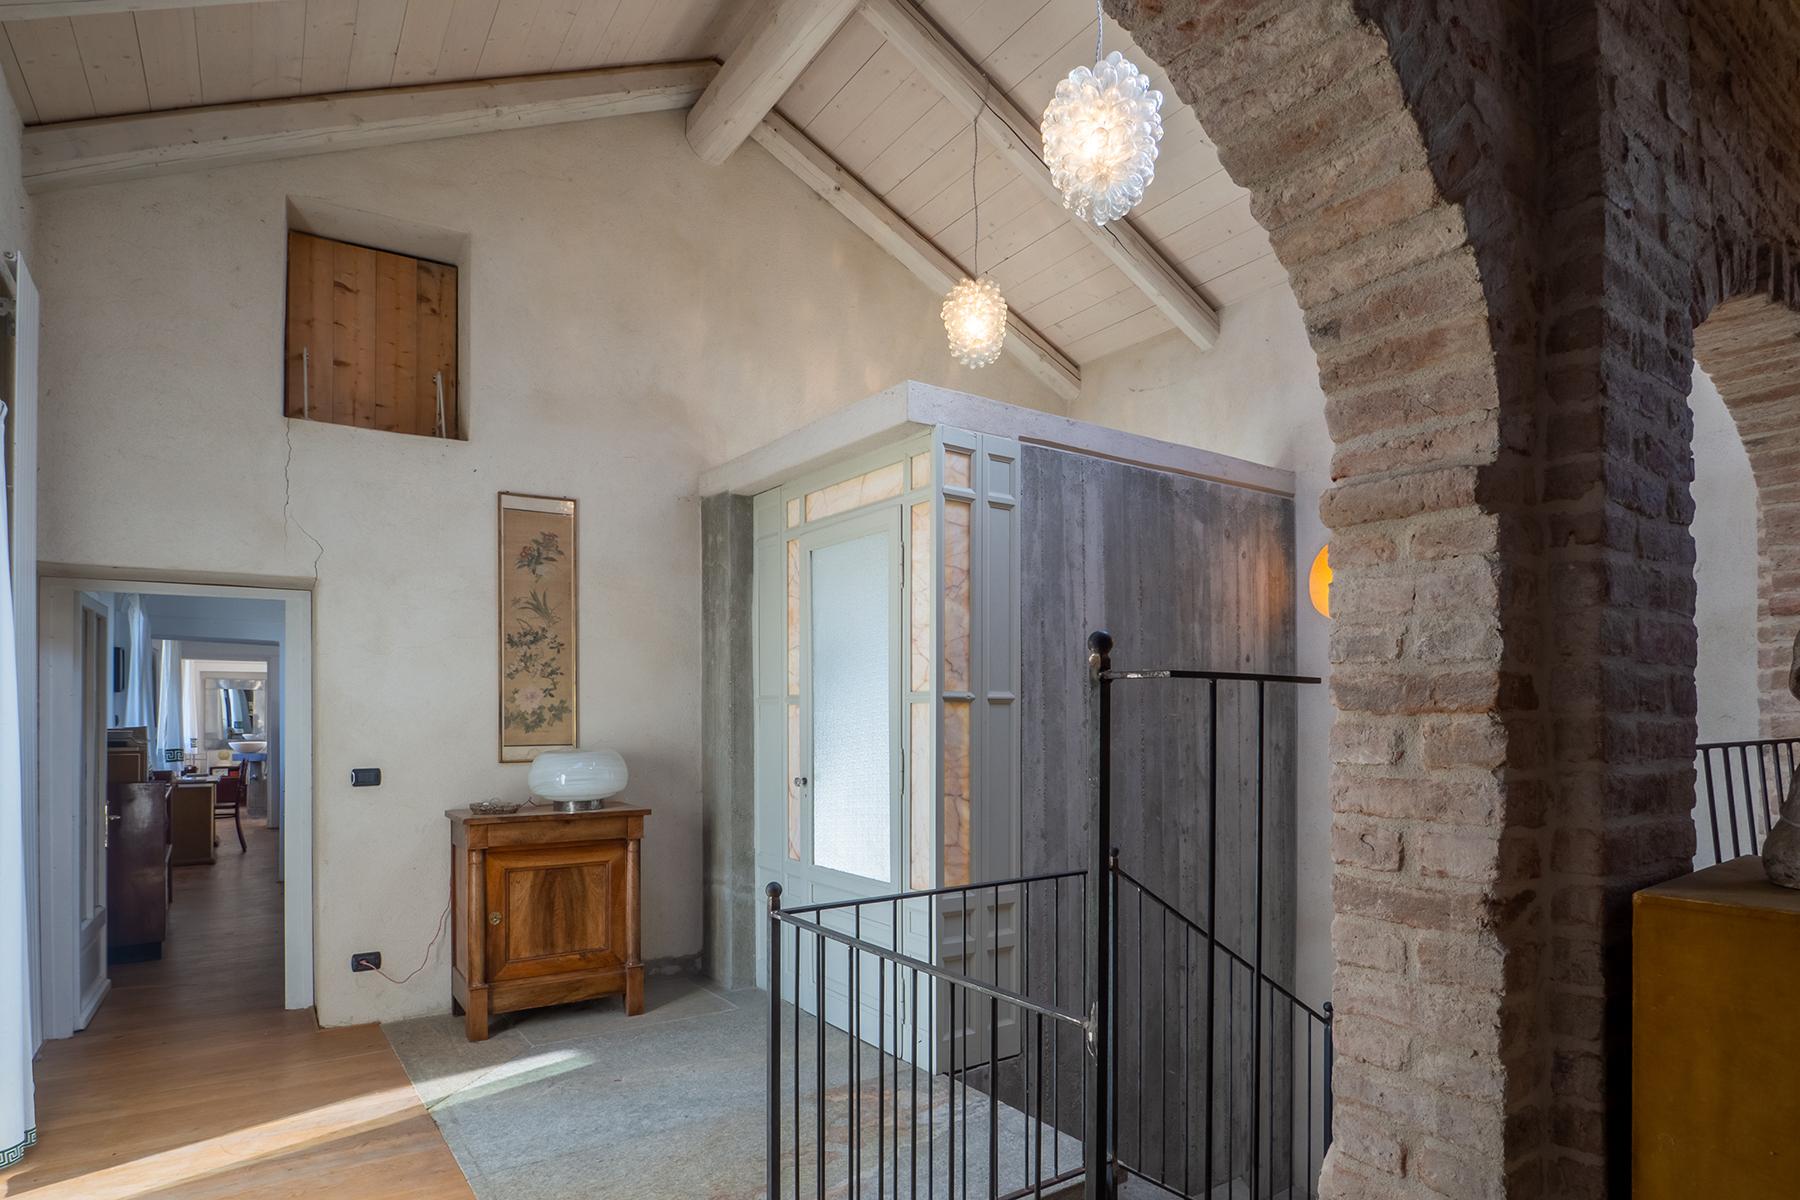 Casa indipendente in Vendita a Moncestino: 5 locali, 300 mq - Foto 5